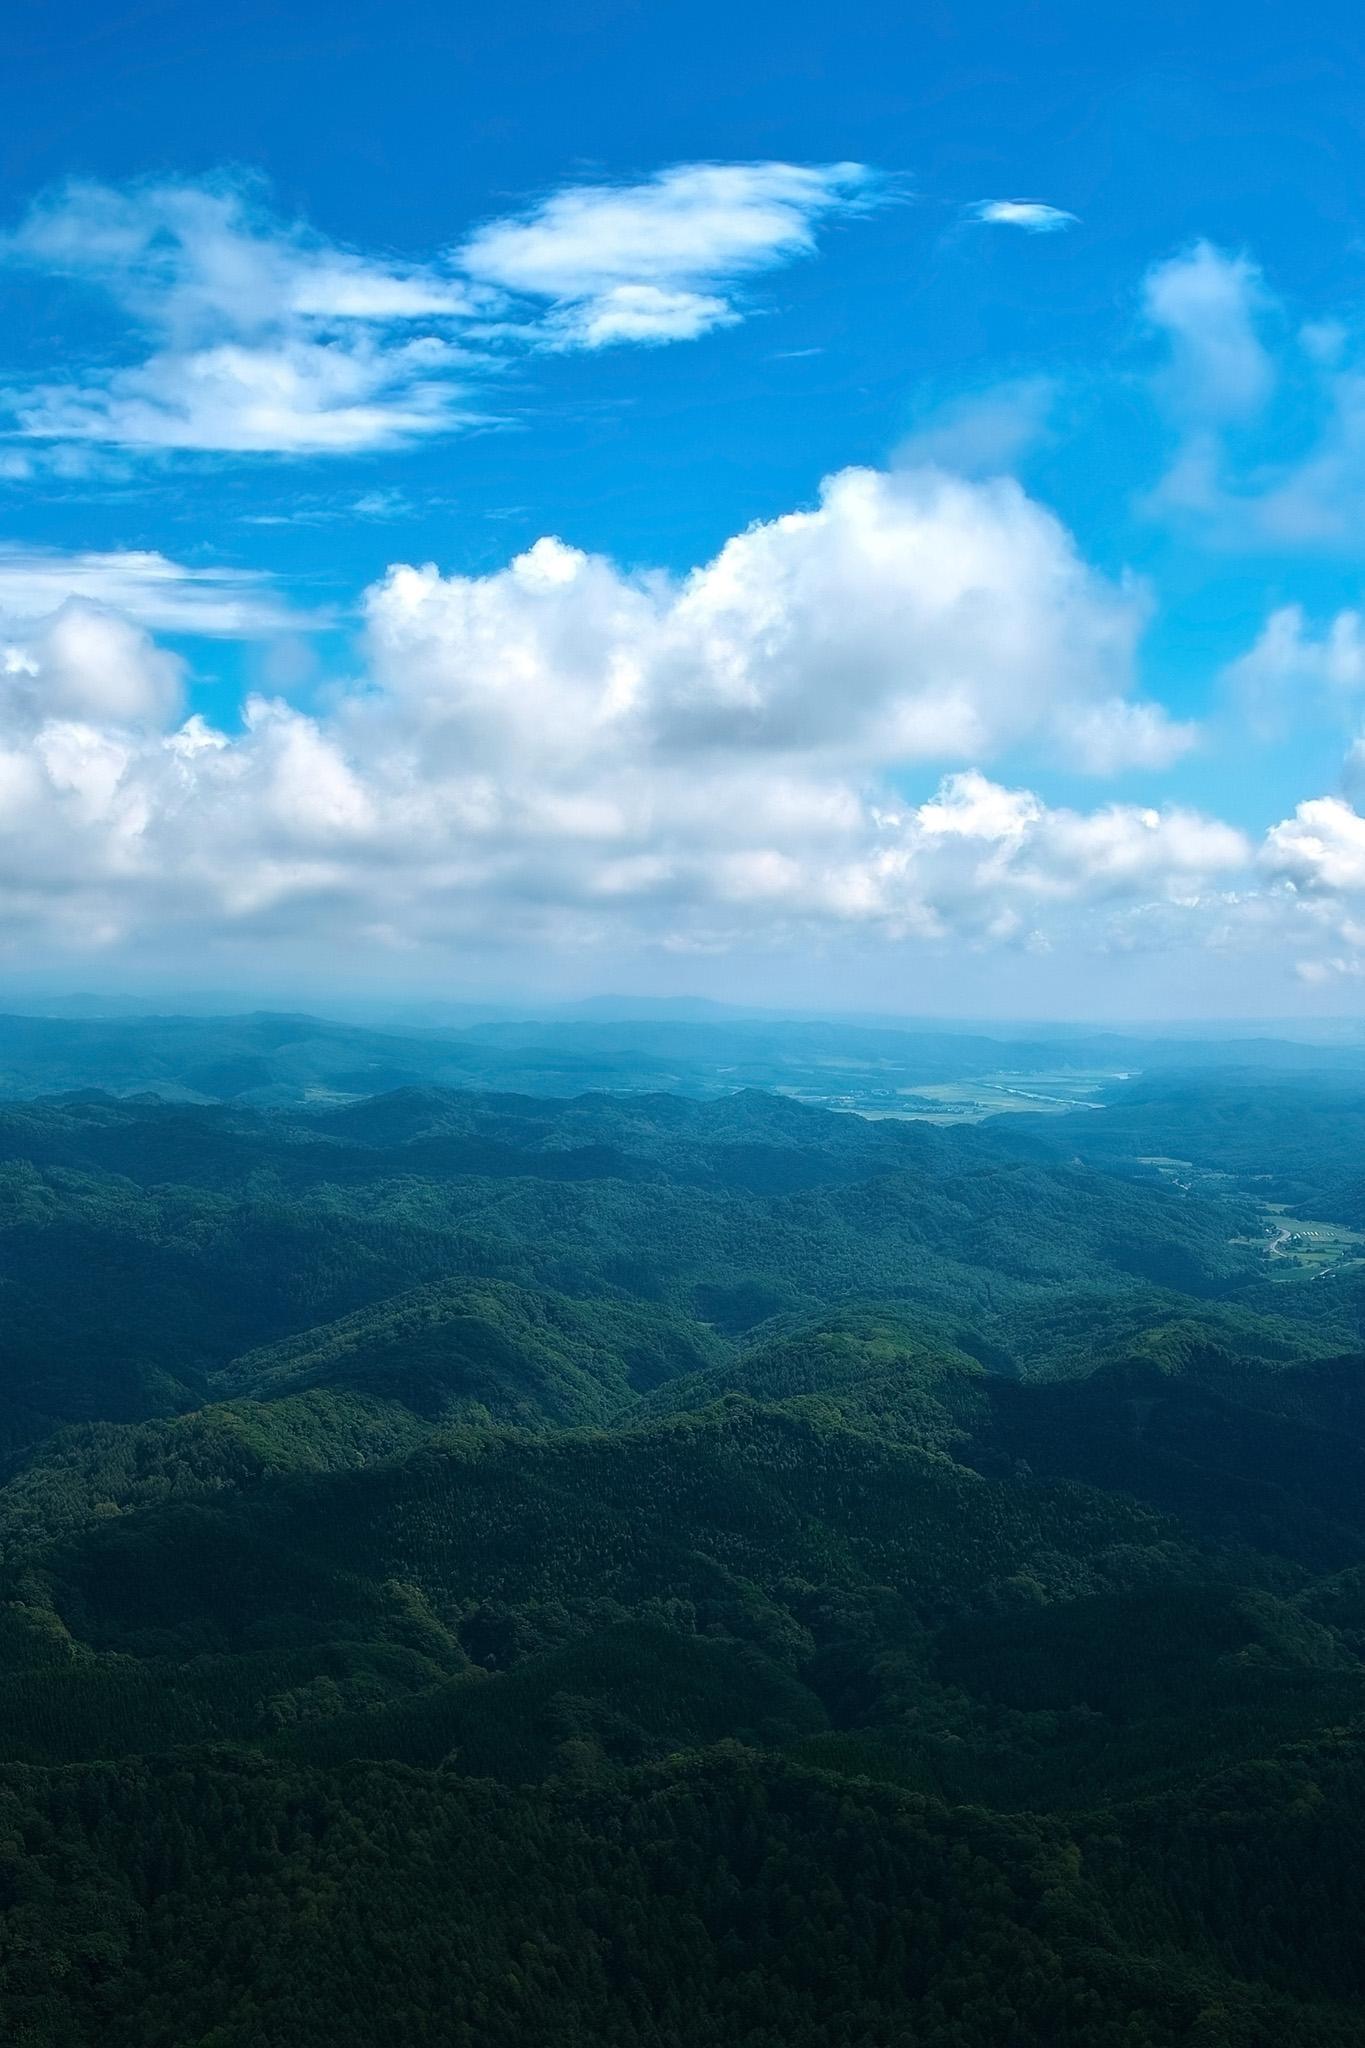 「美しい山の景色」